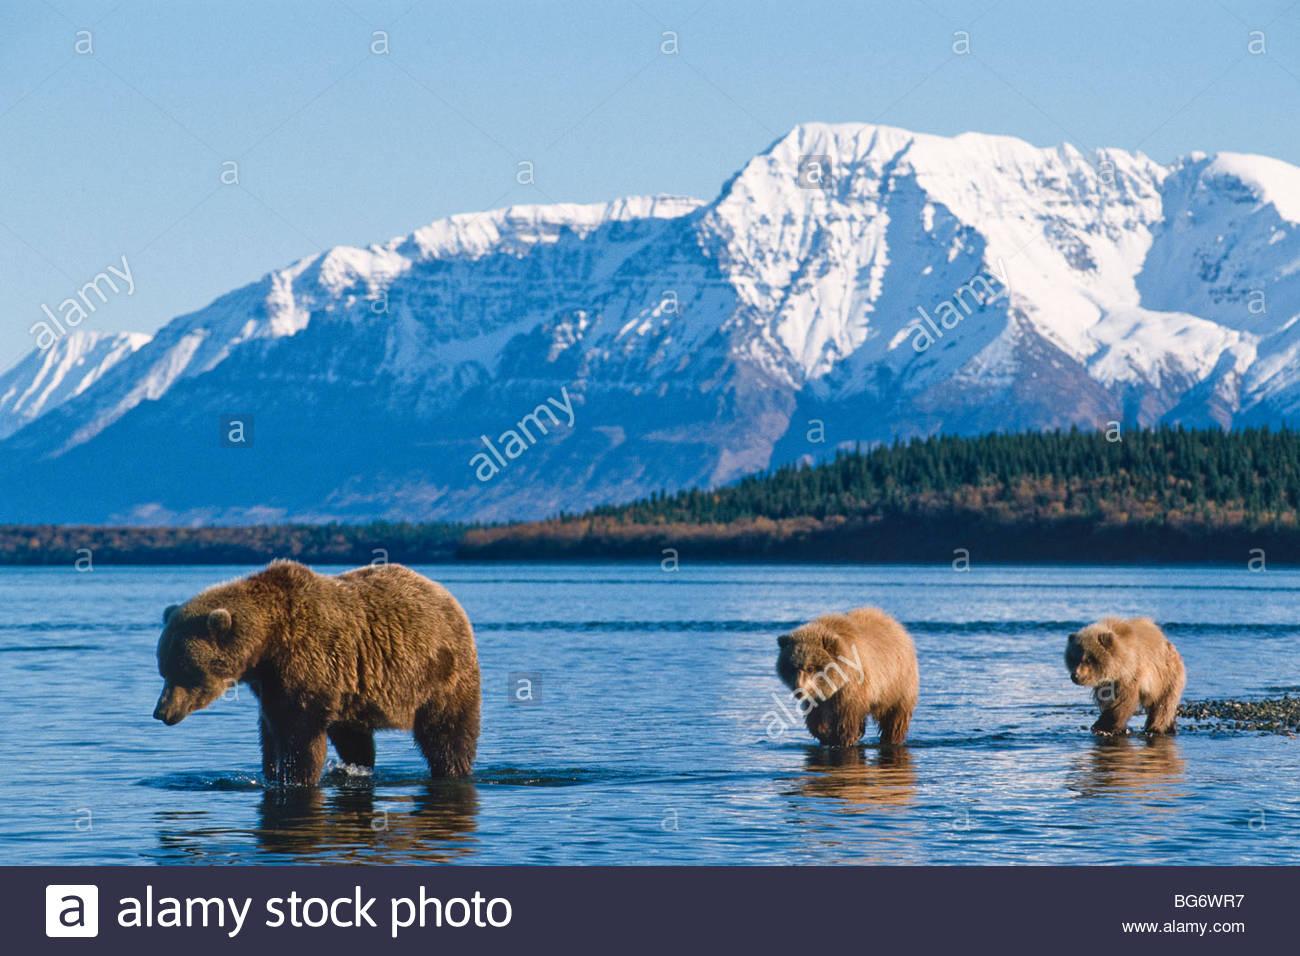 Alaska. Katmai NP. Grizzly Bear (Ursus horribilis) with cubs. - Stock Image